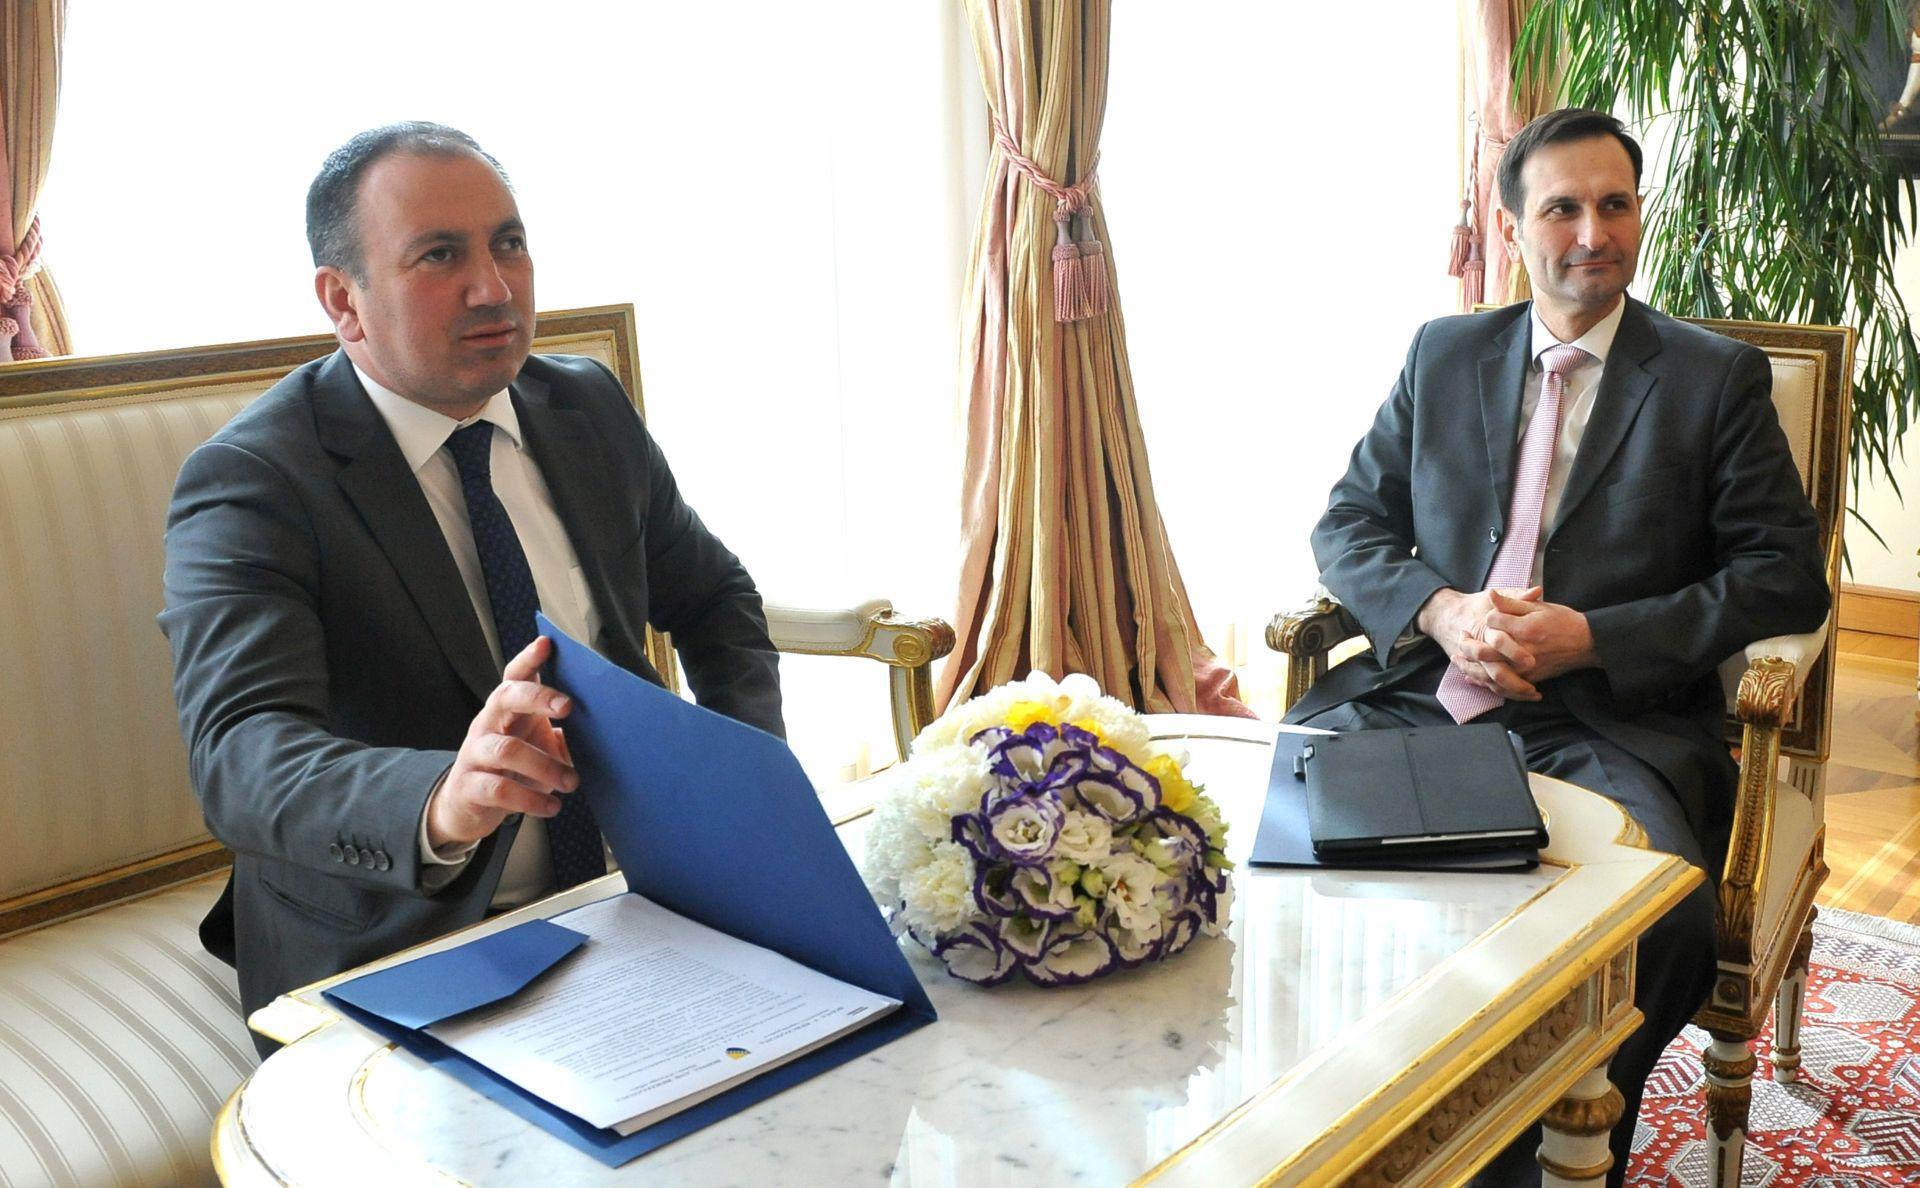 Hrvatska i BiH: Uskoro potpis sporazuma o europskom partnerstvu